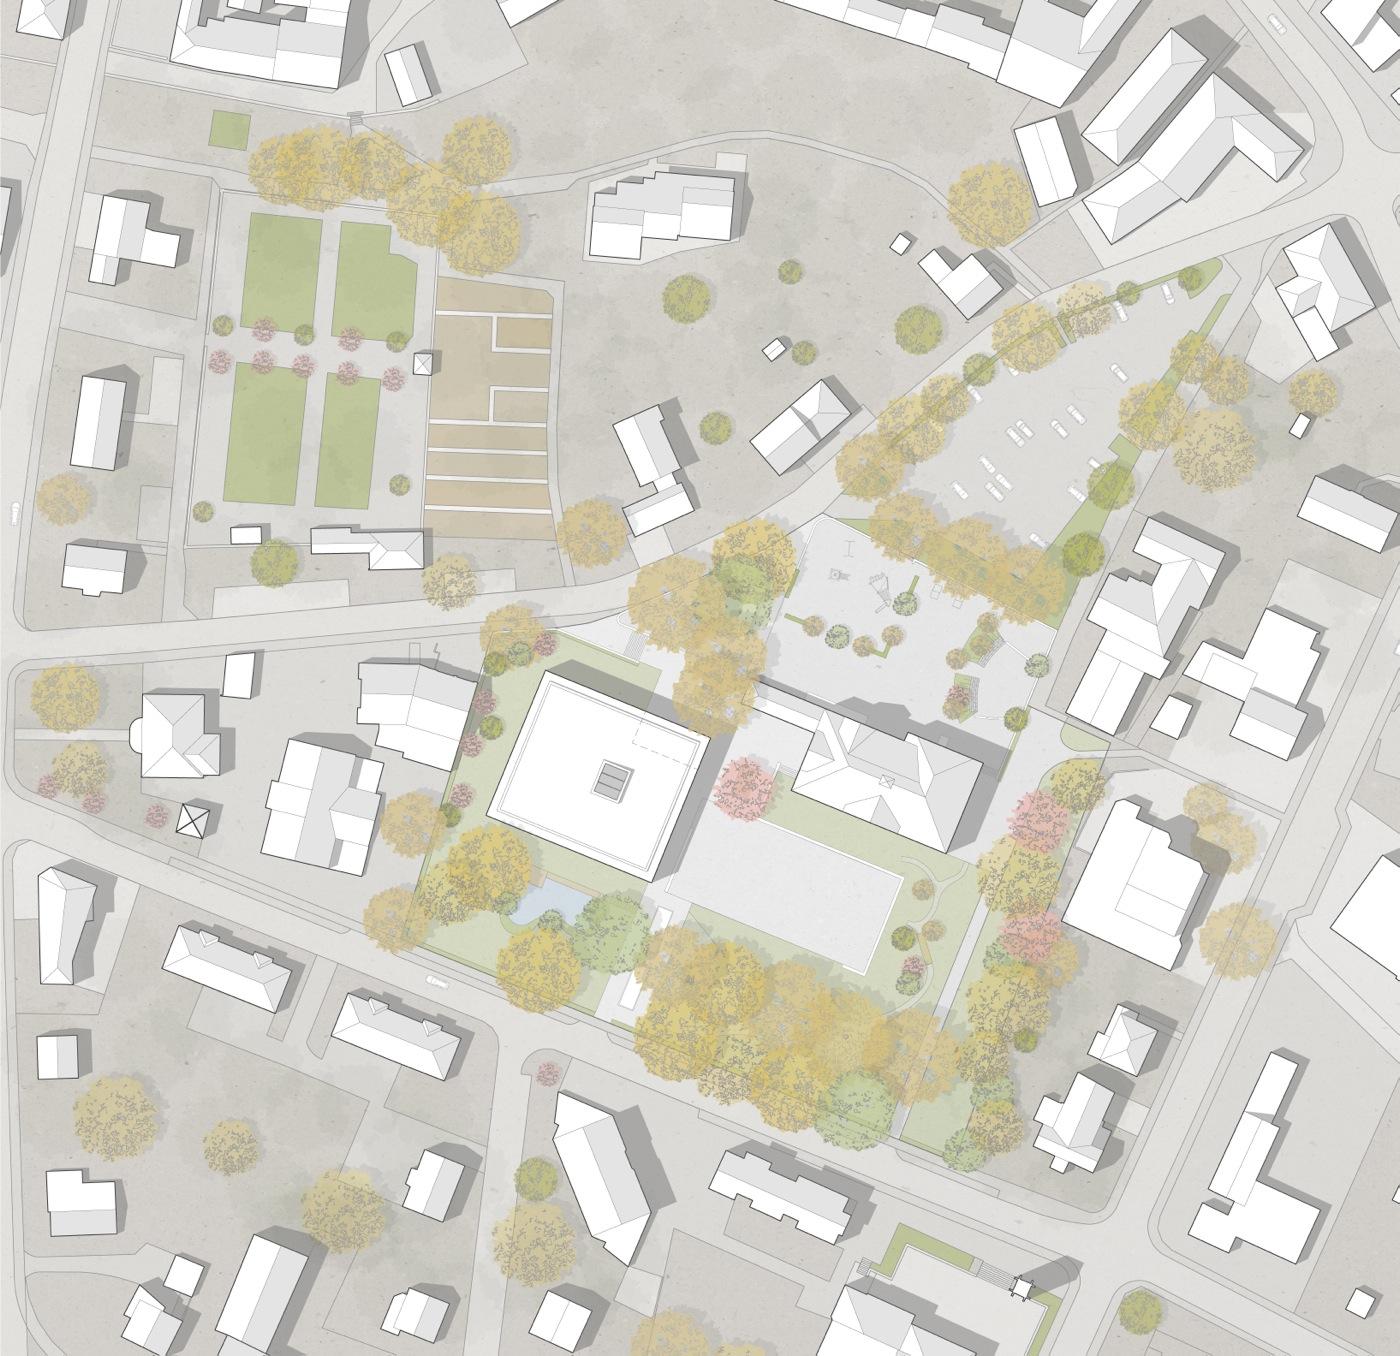 buan-architekten-ersatzneubau schulhaus zentrum-diessenhofen-situation